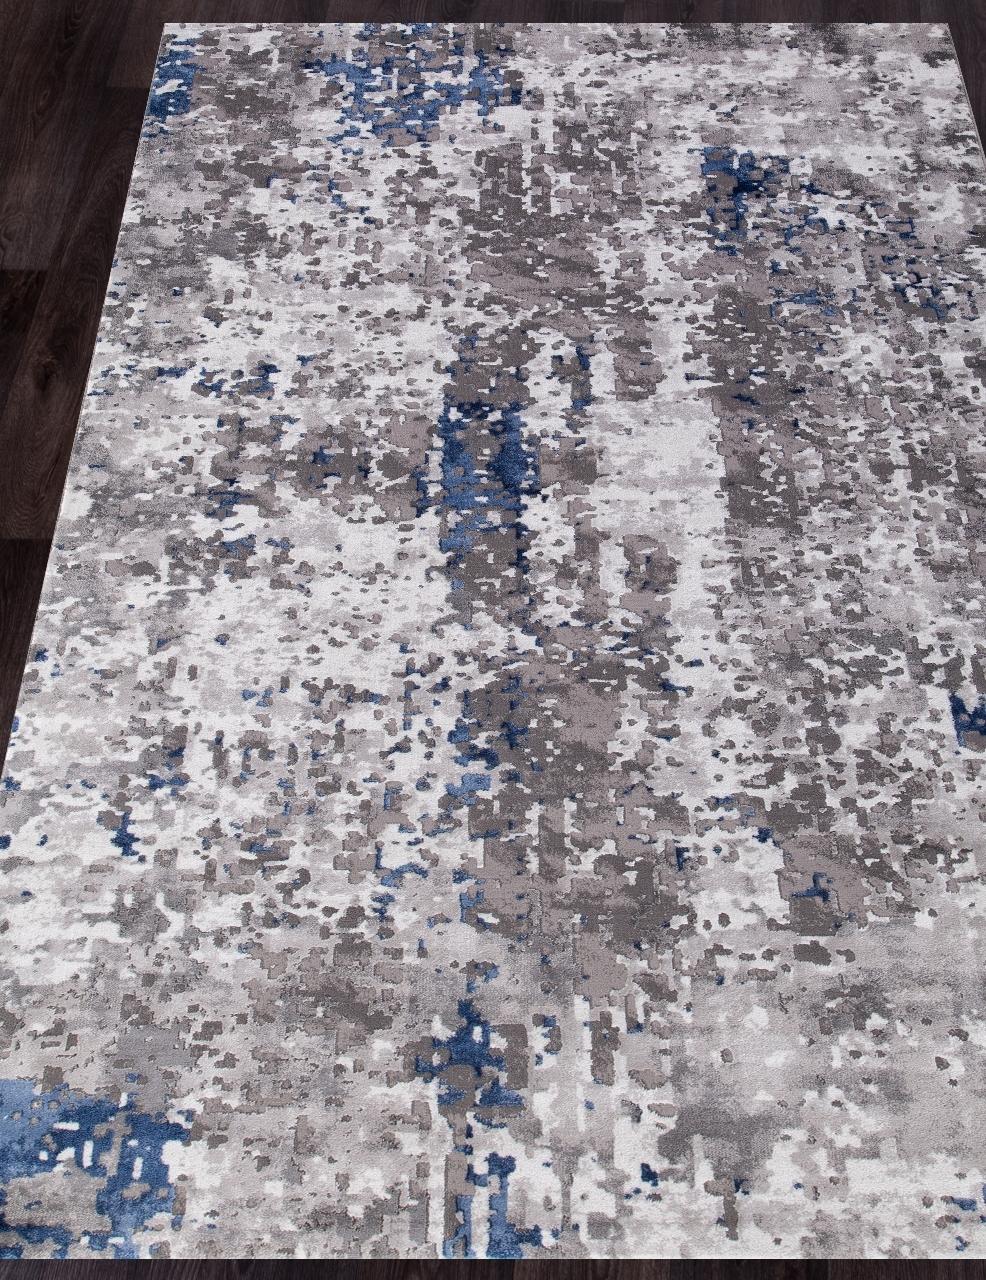 Ковер 18118 - 931 - Прямоугольник - коллекция ARMODIES - фото 1